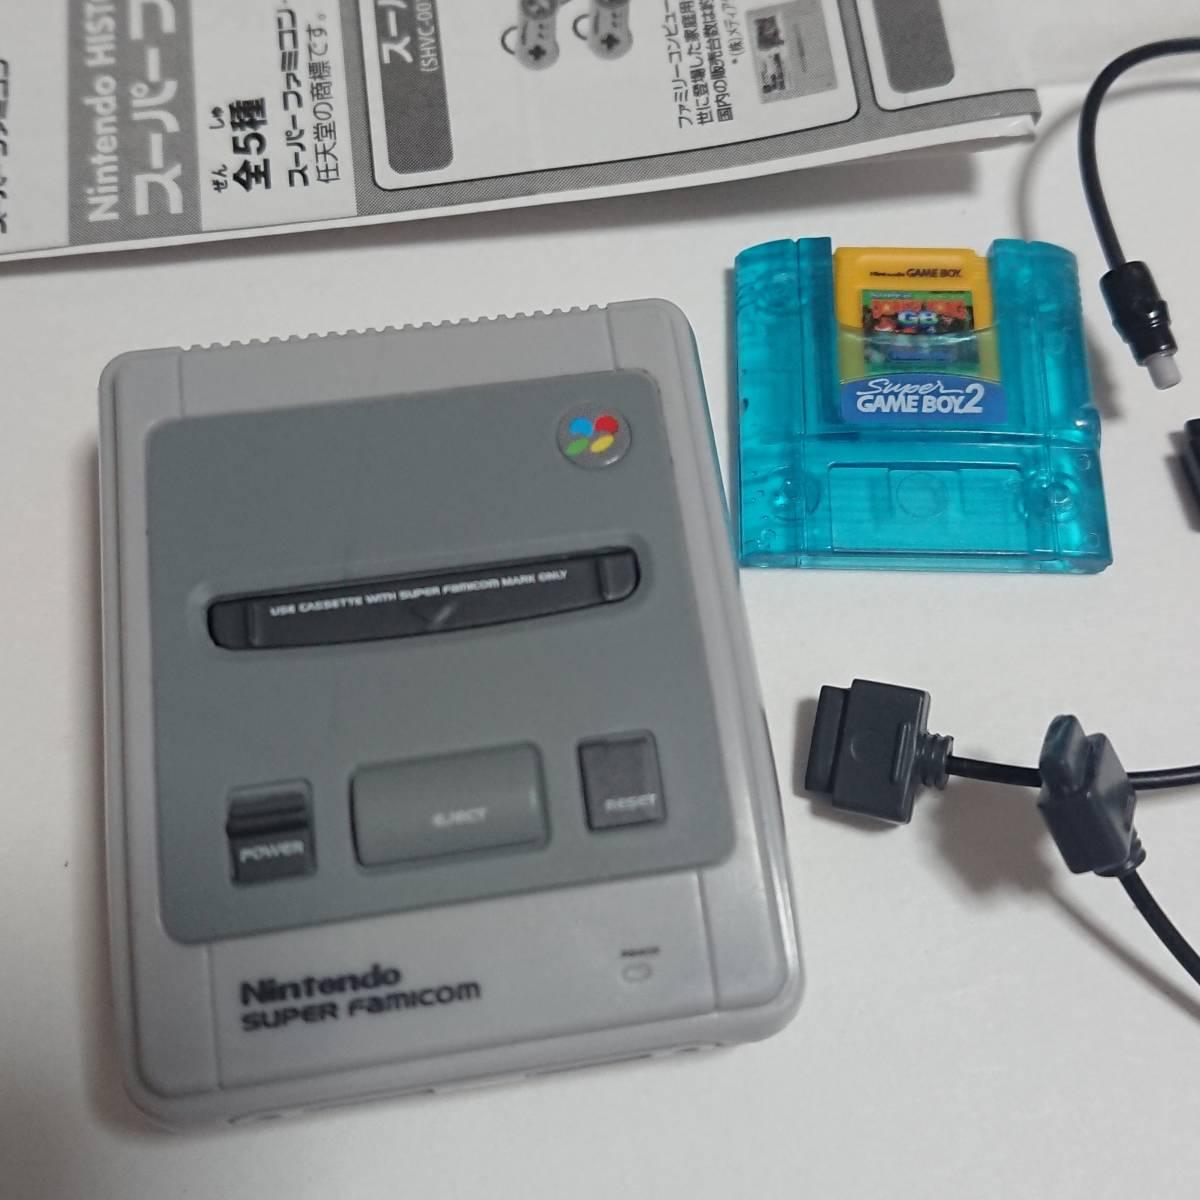 ヒストリーコレクション  スーパーファミコン&スーパーゲームボーイ2◆ ミニチュア フィギュア ガチャ カプセル Nintendo_画像2